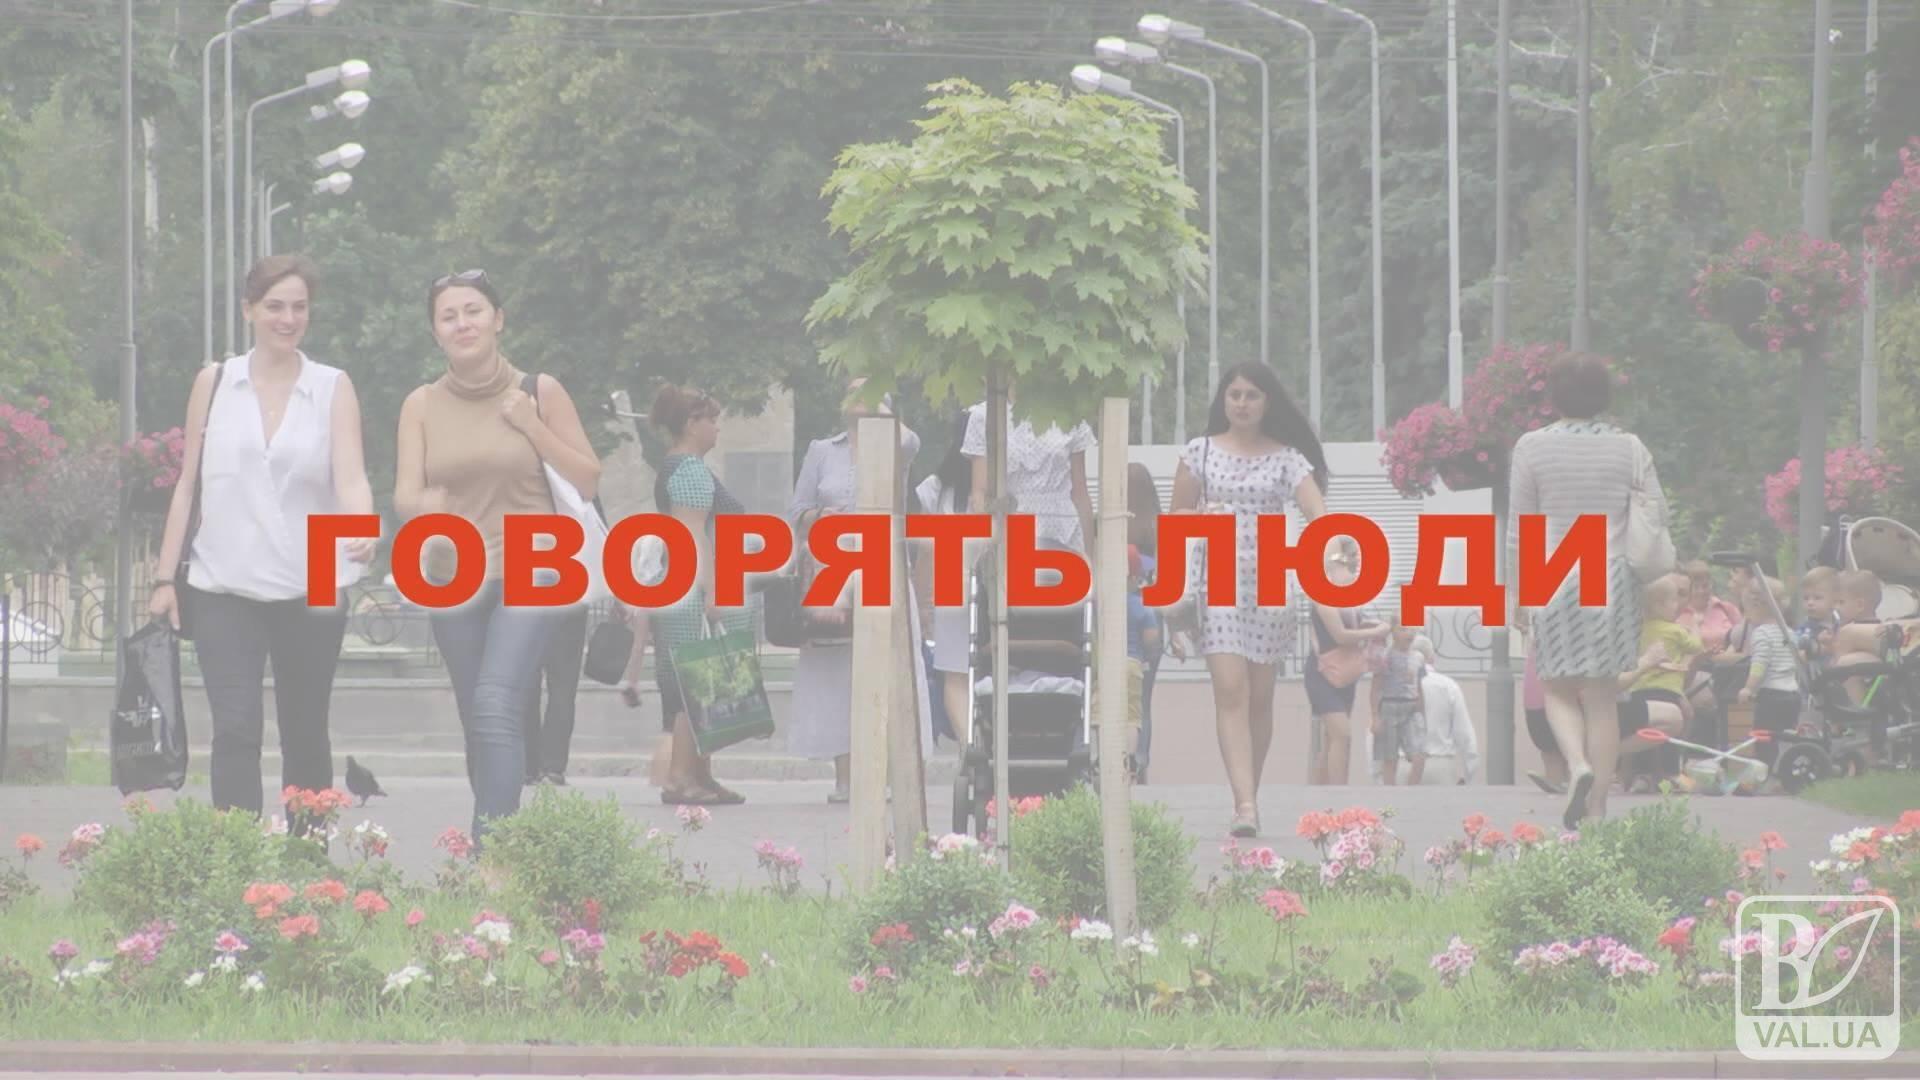 Говорять люди. Чому влада боїться Юлію Тимошенко. ВІДЕО